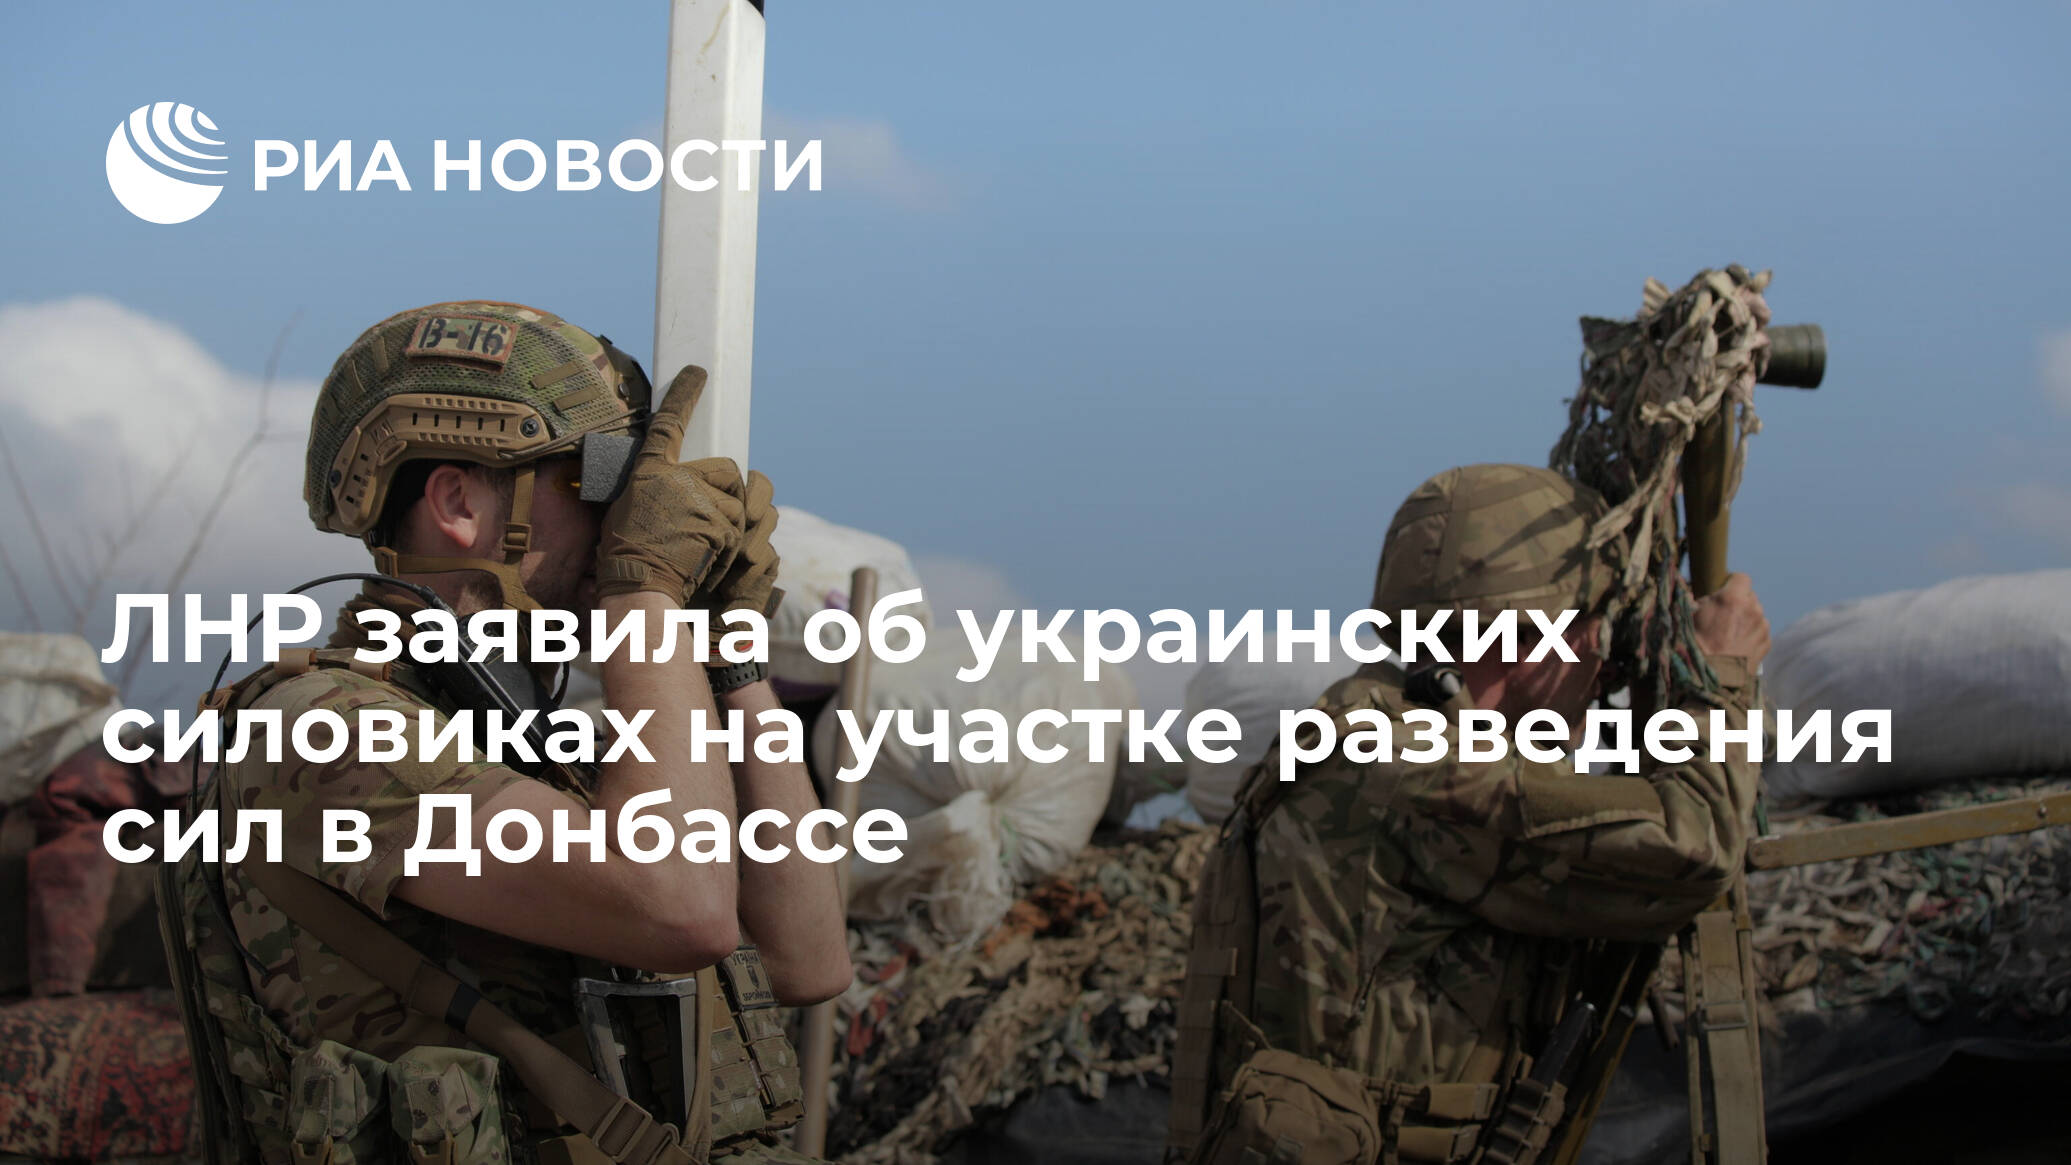 ЛНР заявила об украинских силовиках на участке разведения сил в Донбассе